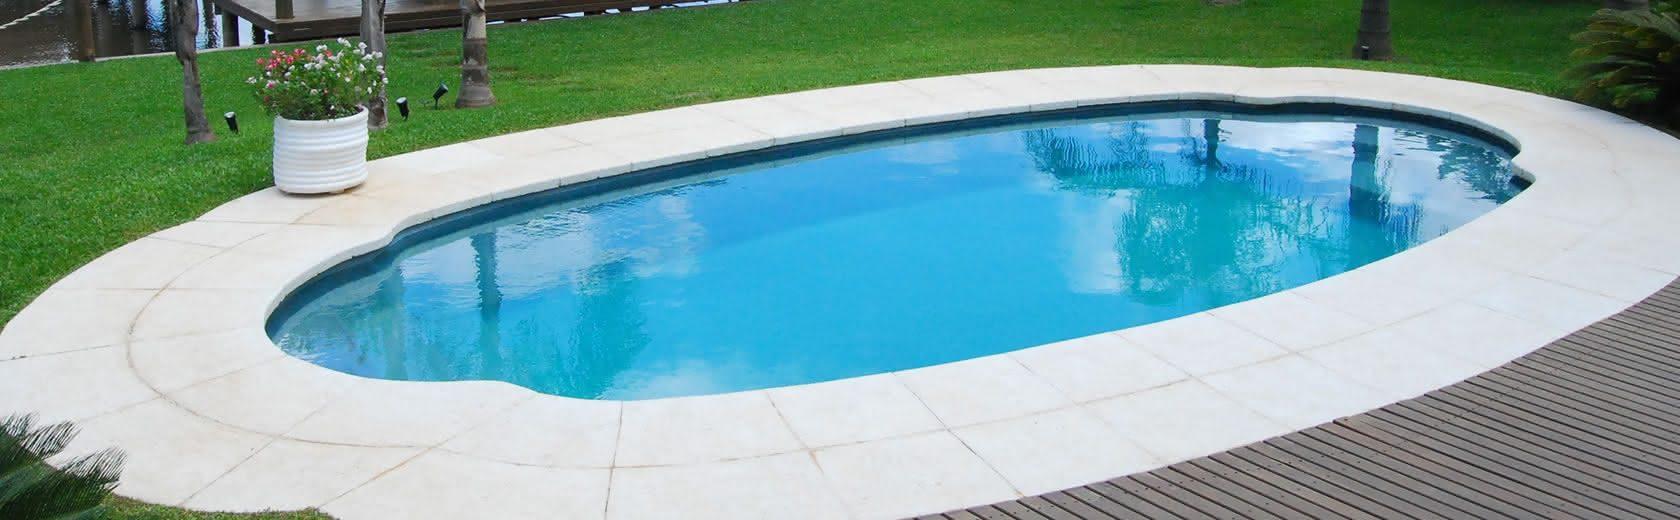 Piscinas de fibra piso para piscina for Piscinas de fibra instaladas